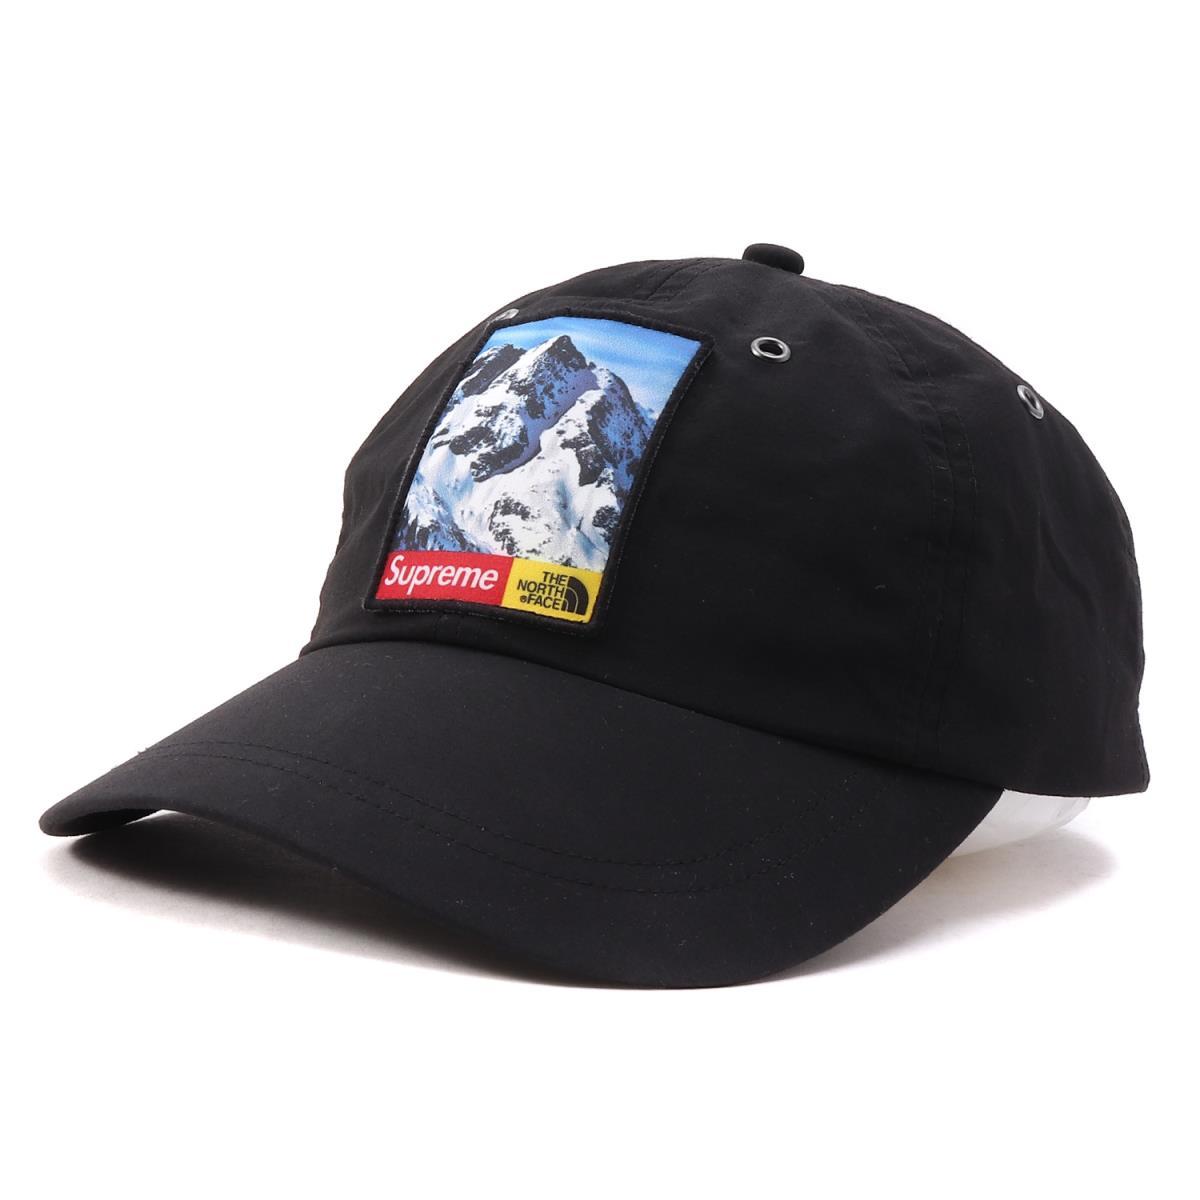 Supreme (シュプリーム) 17A/W ×THE NORTH FACE ワッペン付き6パネルキャップ(Mountain 6-Panel Hat) ブラック 【美品】【メンズ】【K2169】【中古】【あす楽☆対応可】